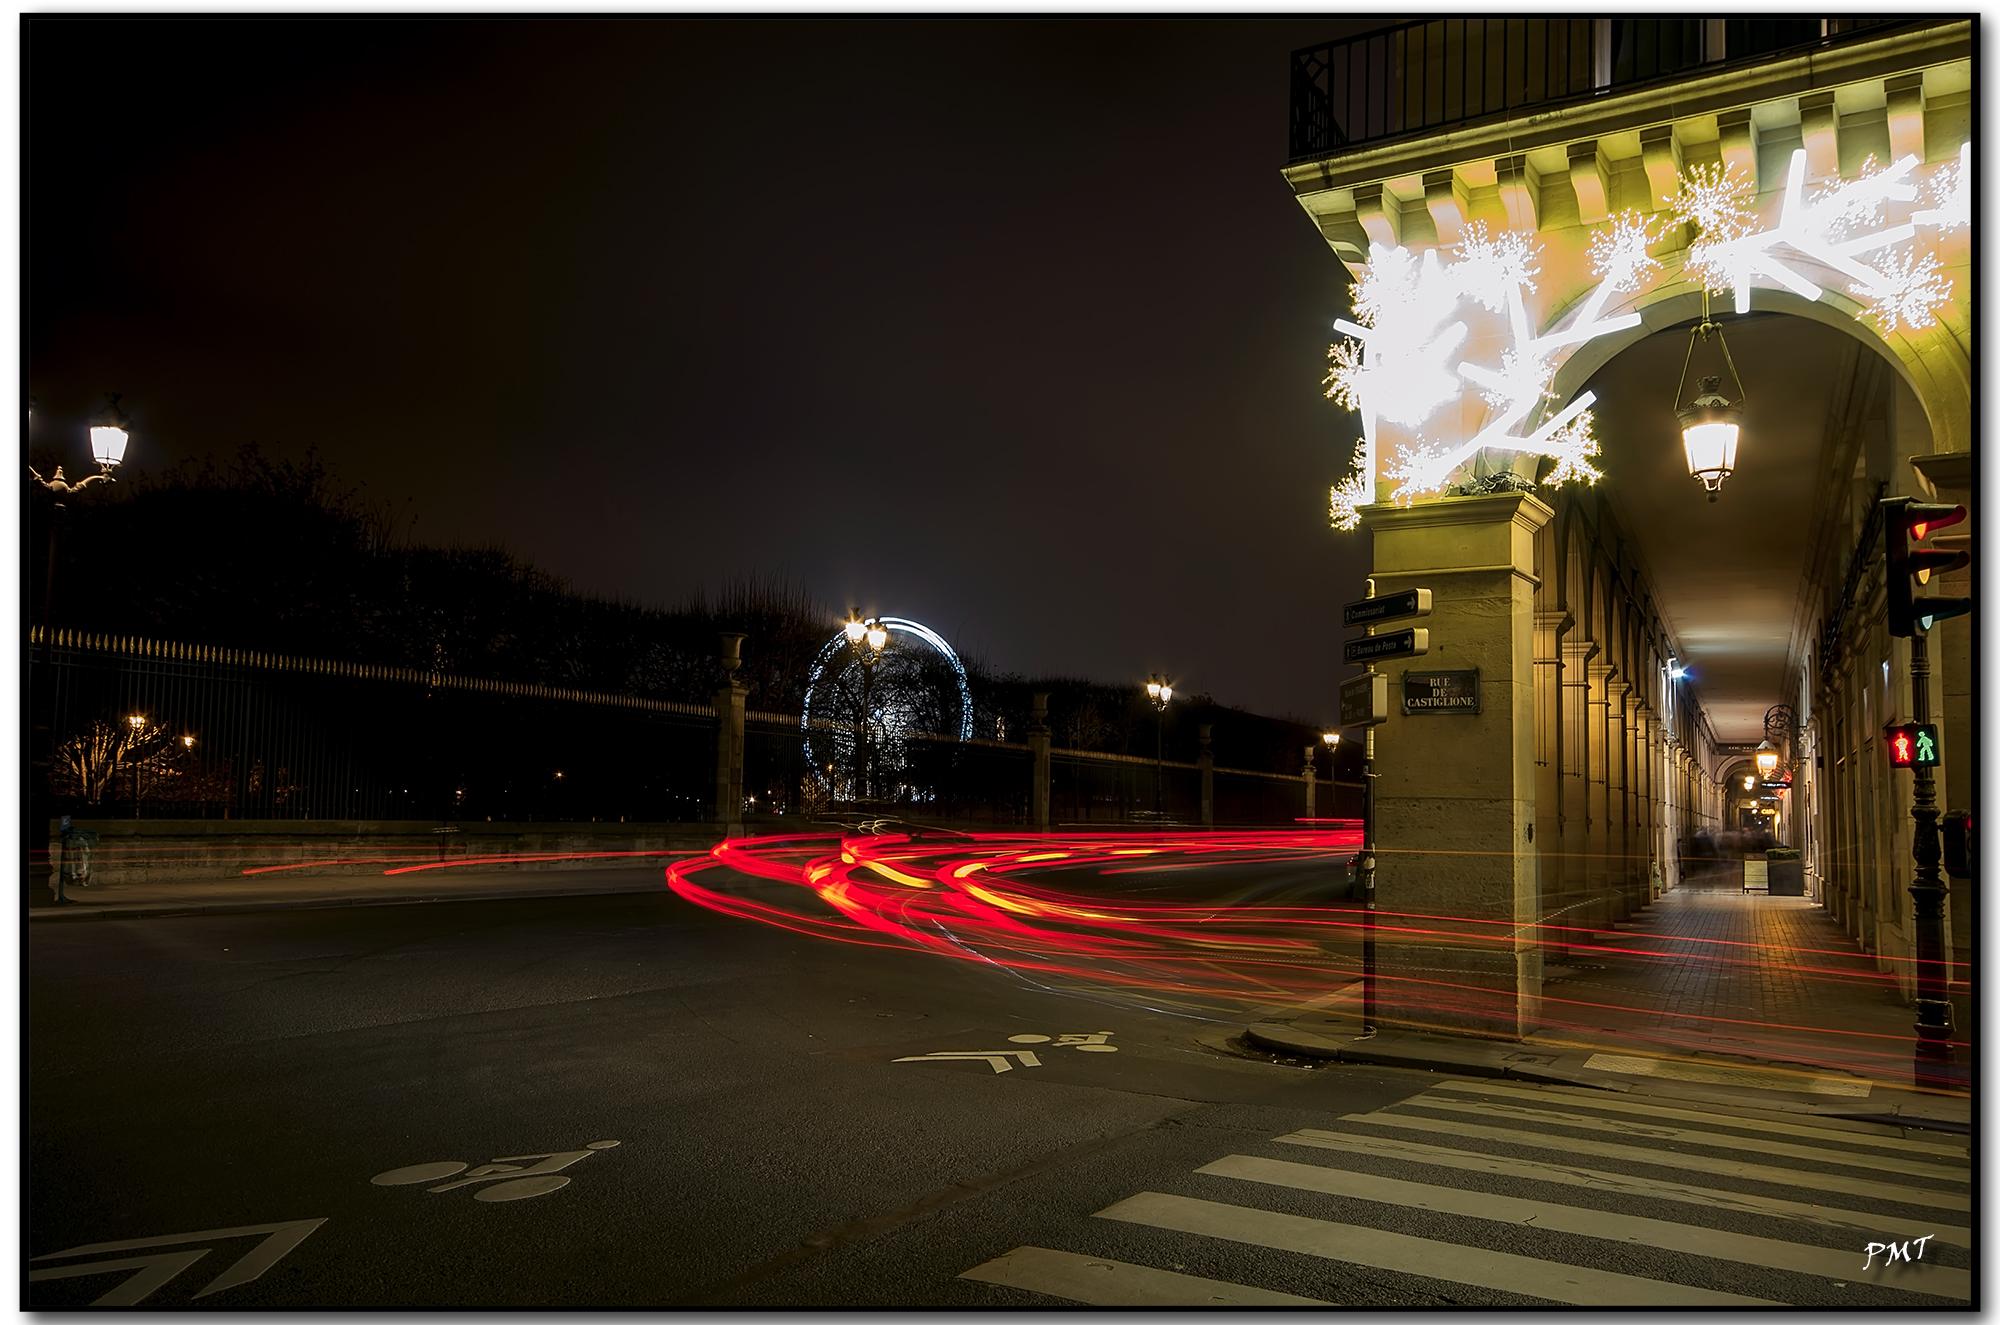 Illuminations de noël - sortie Paris du 30/11 - Page 10 Sortei30116c